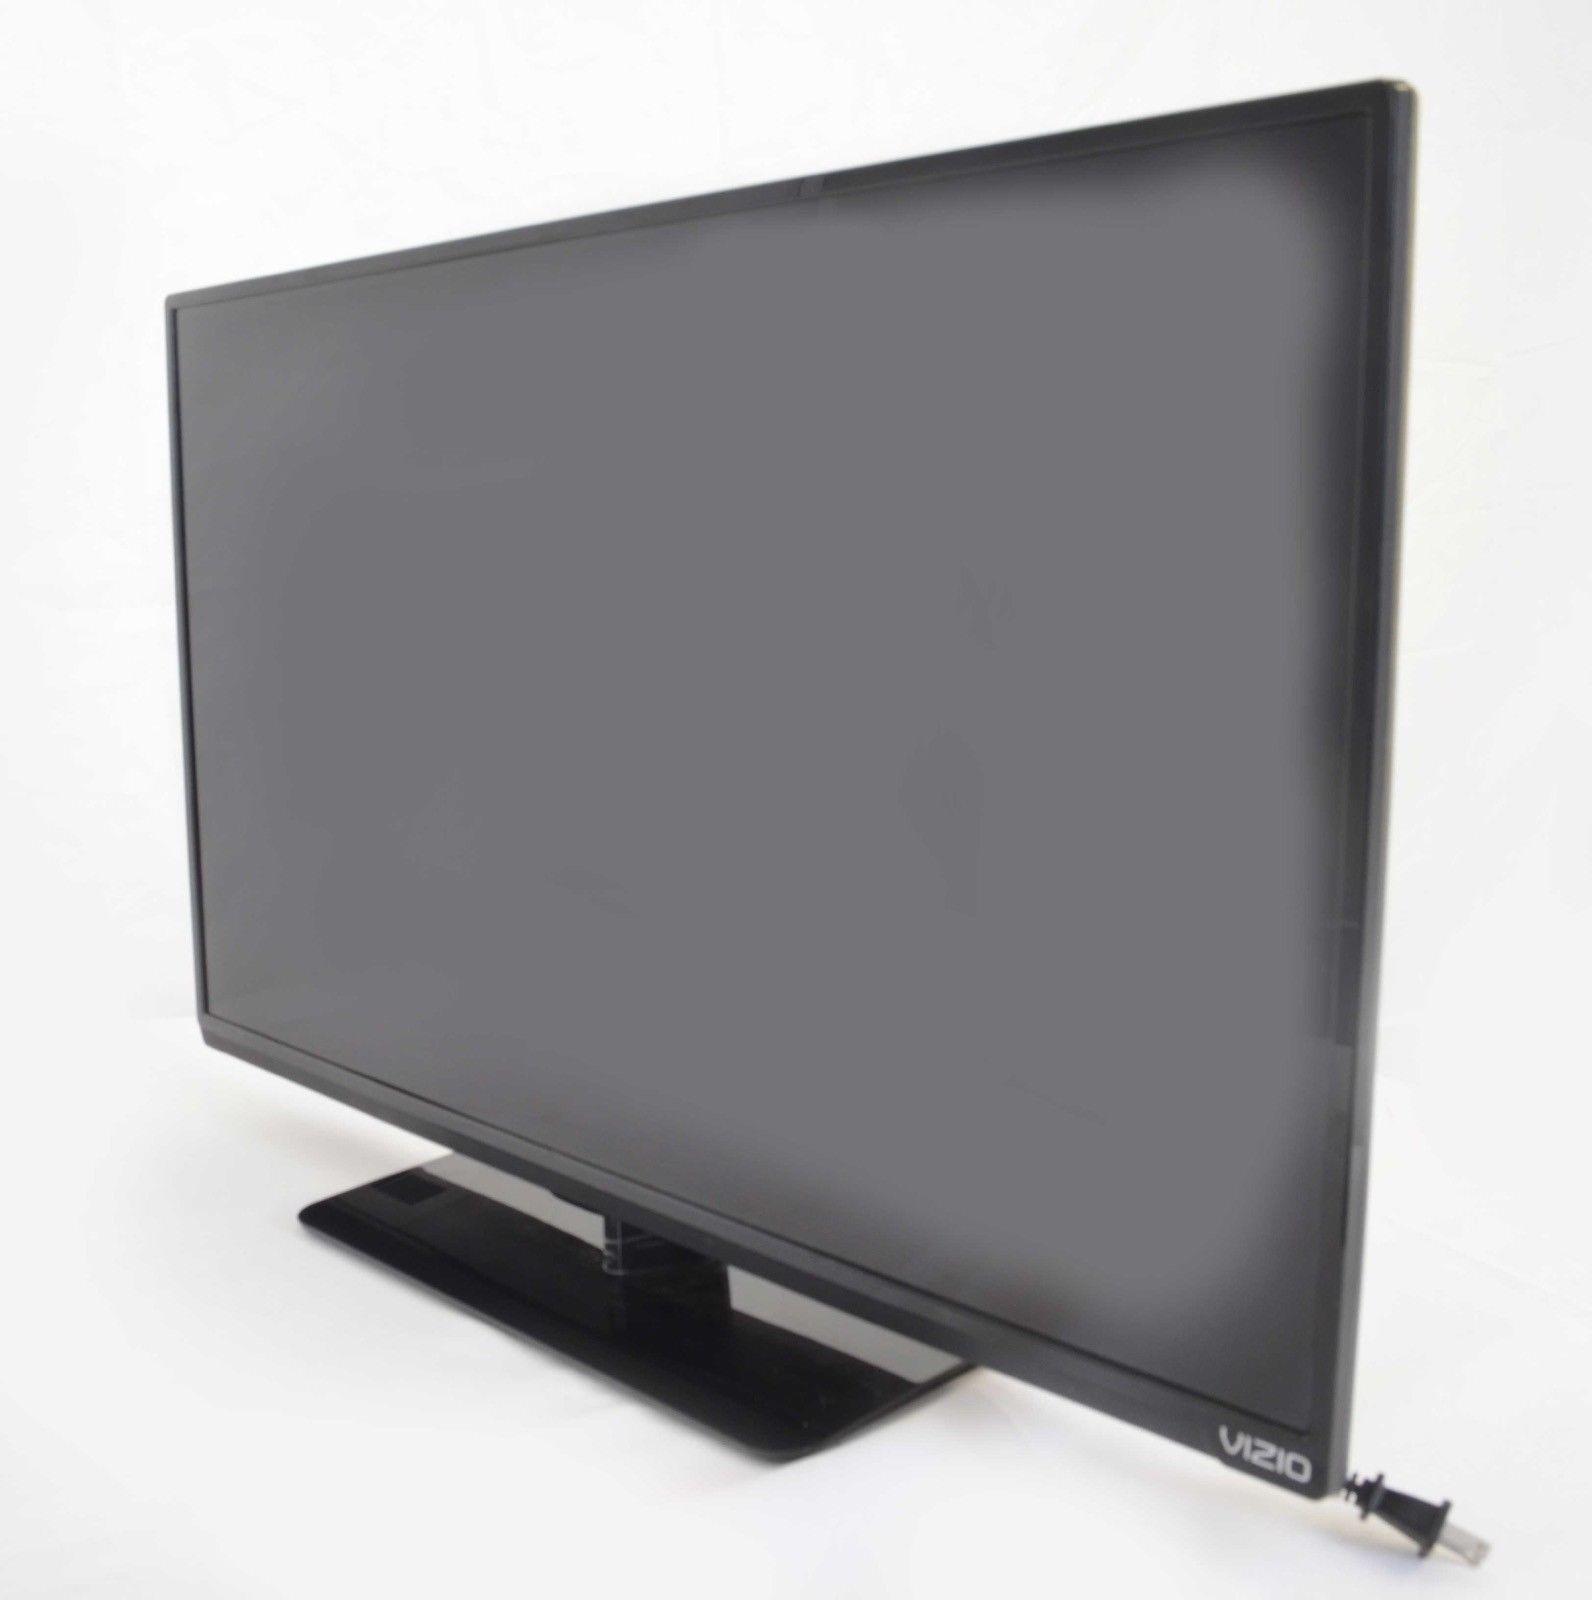 Vizio 32 Television TV E320 B1